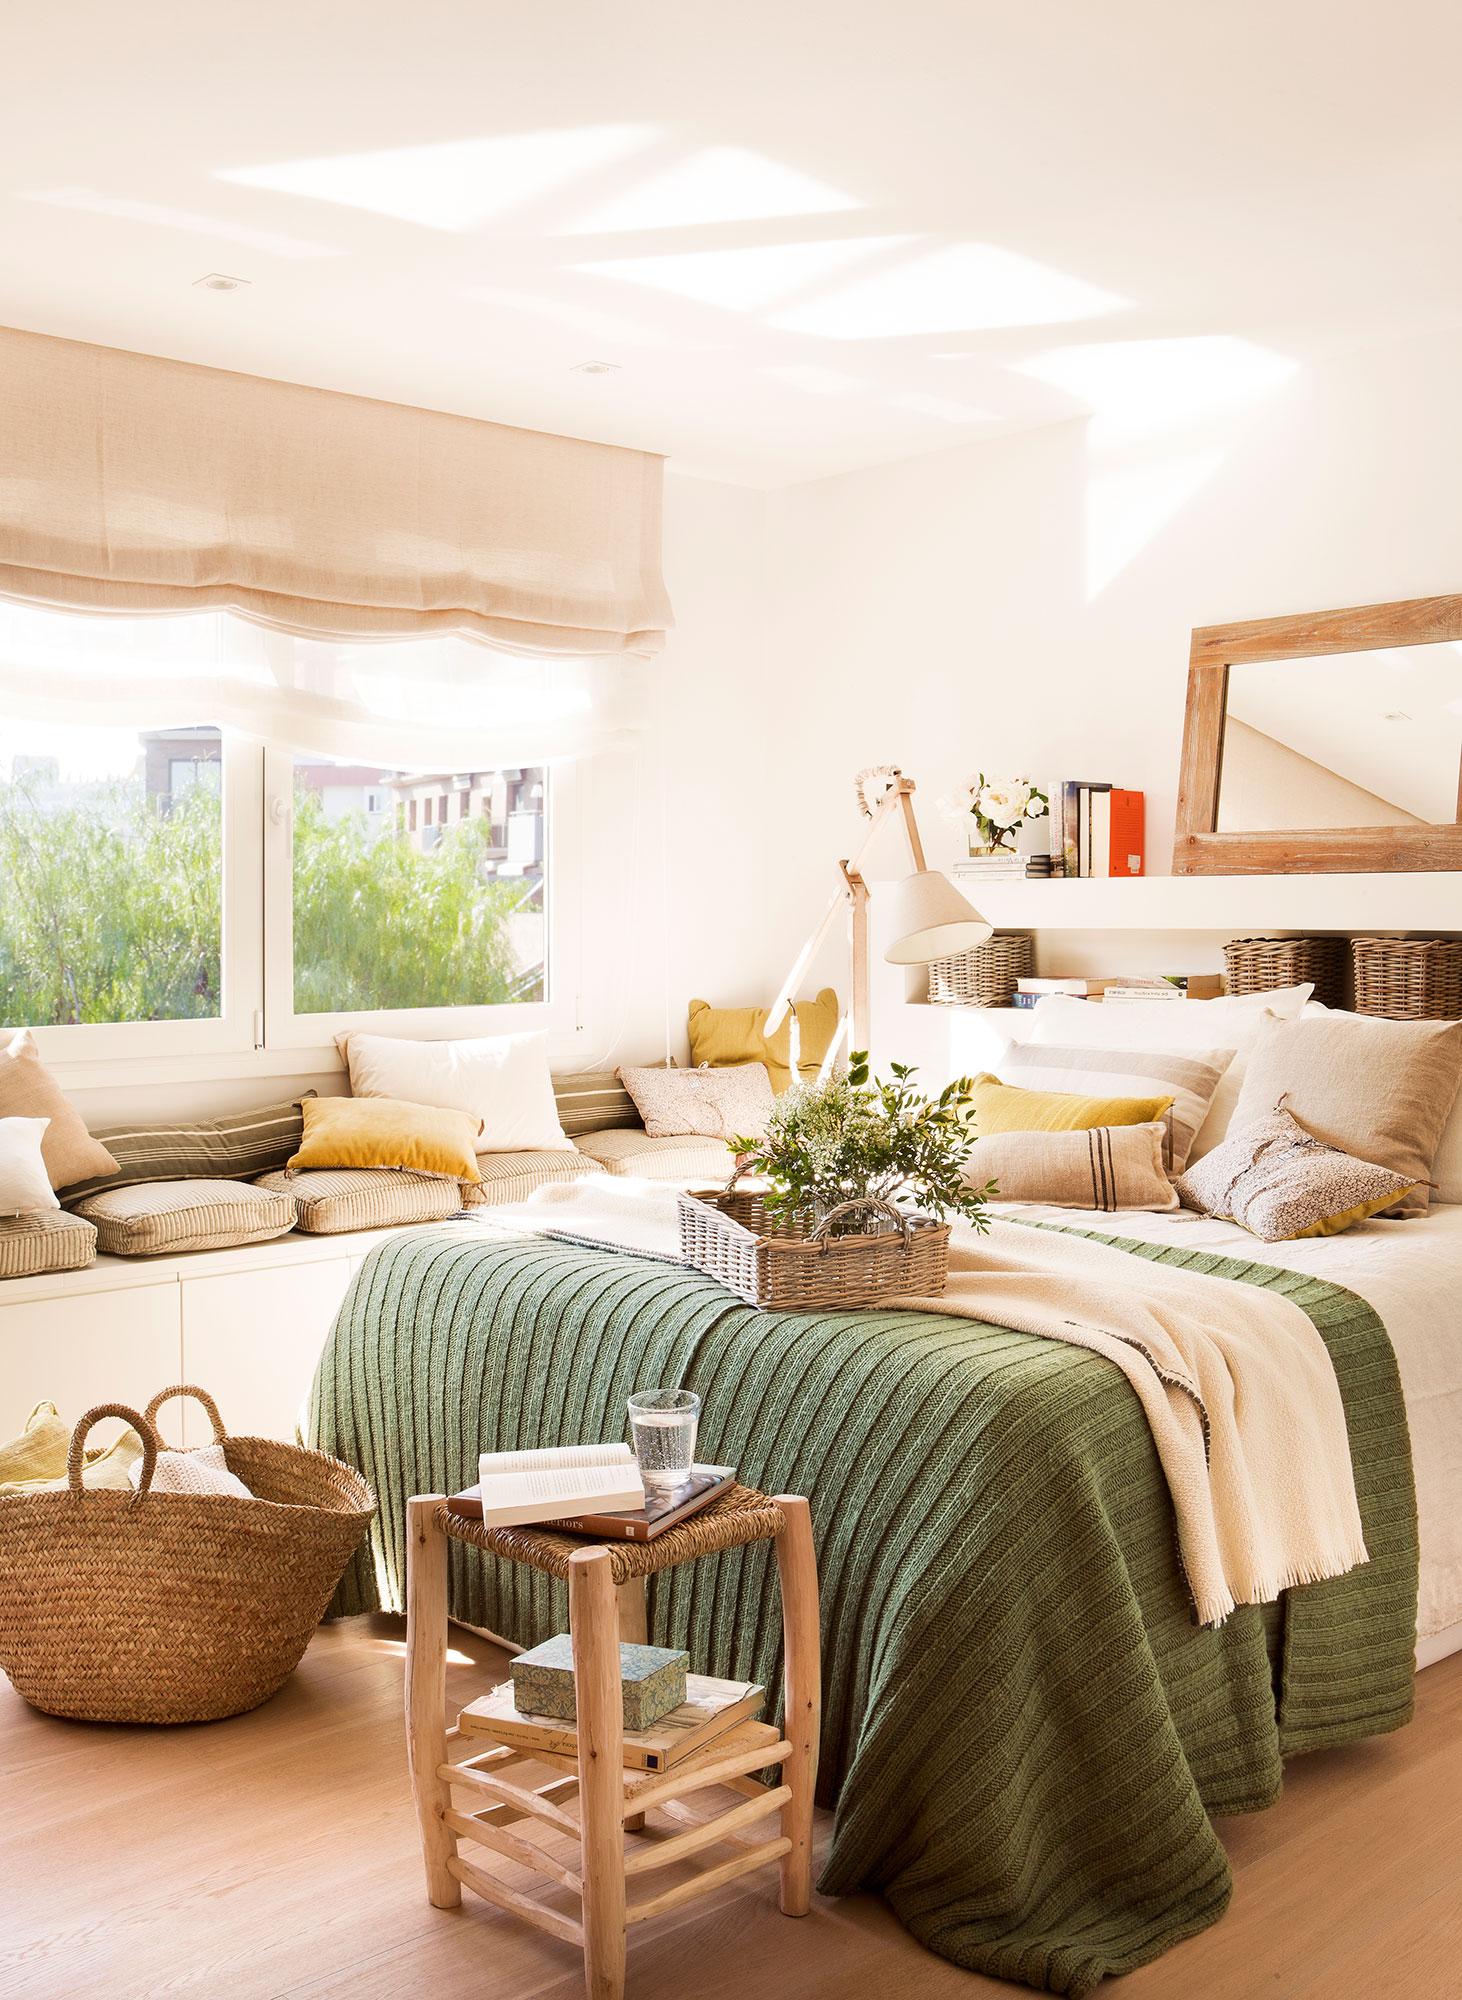 Decorar con cestos est de moda - Sofas para habitacion ...